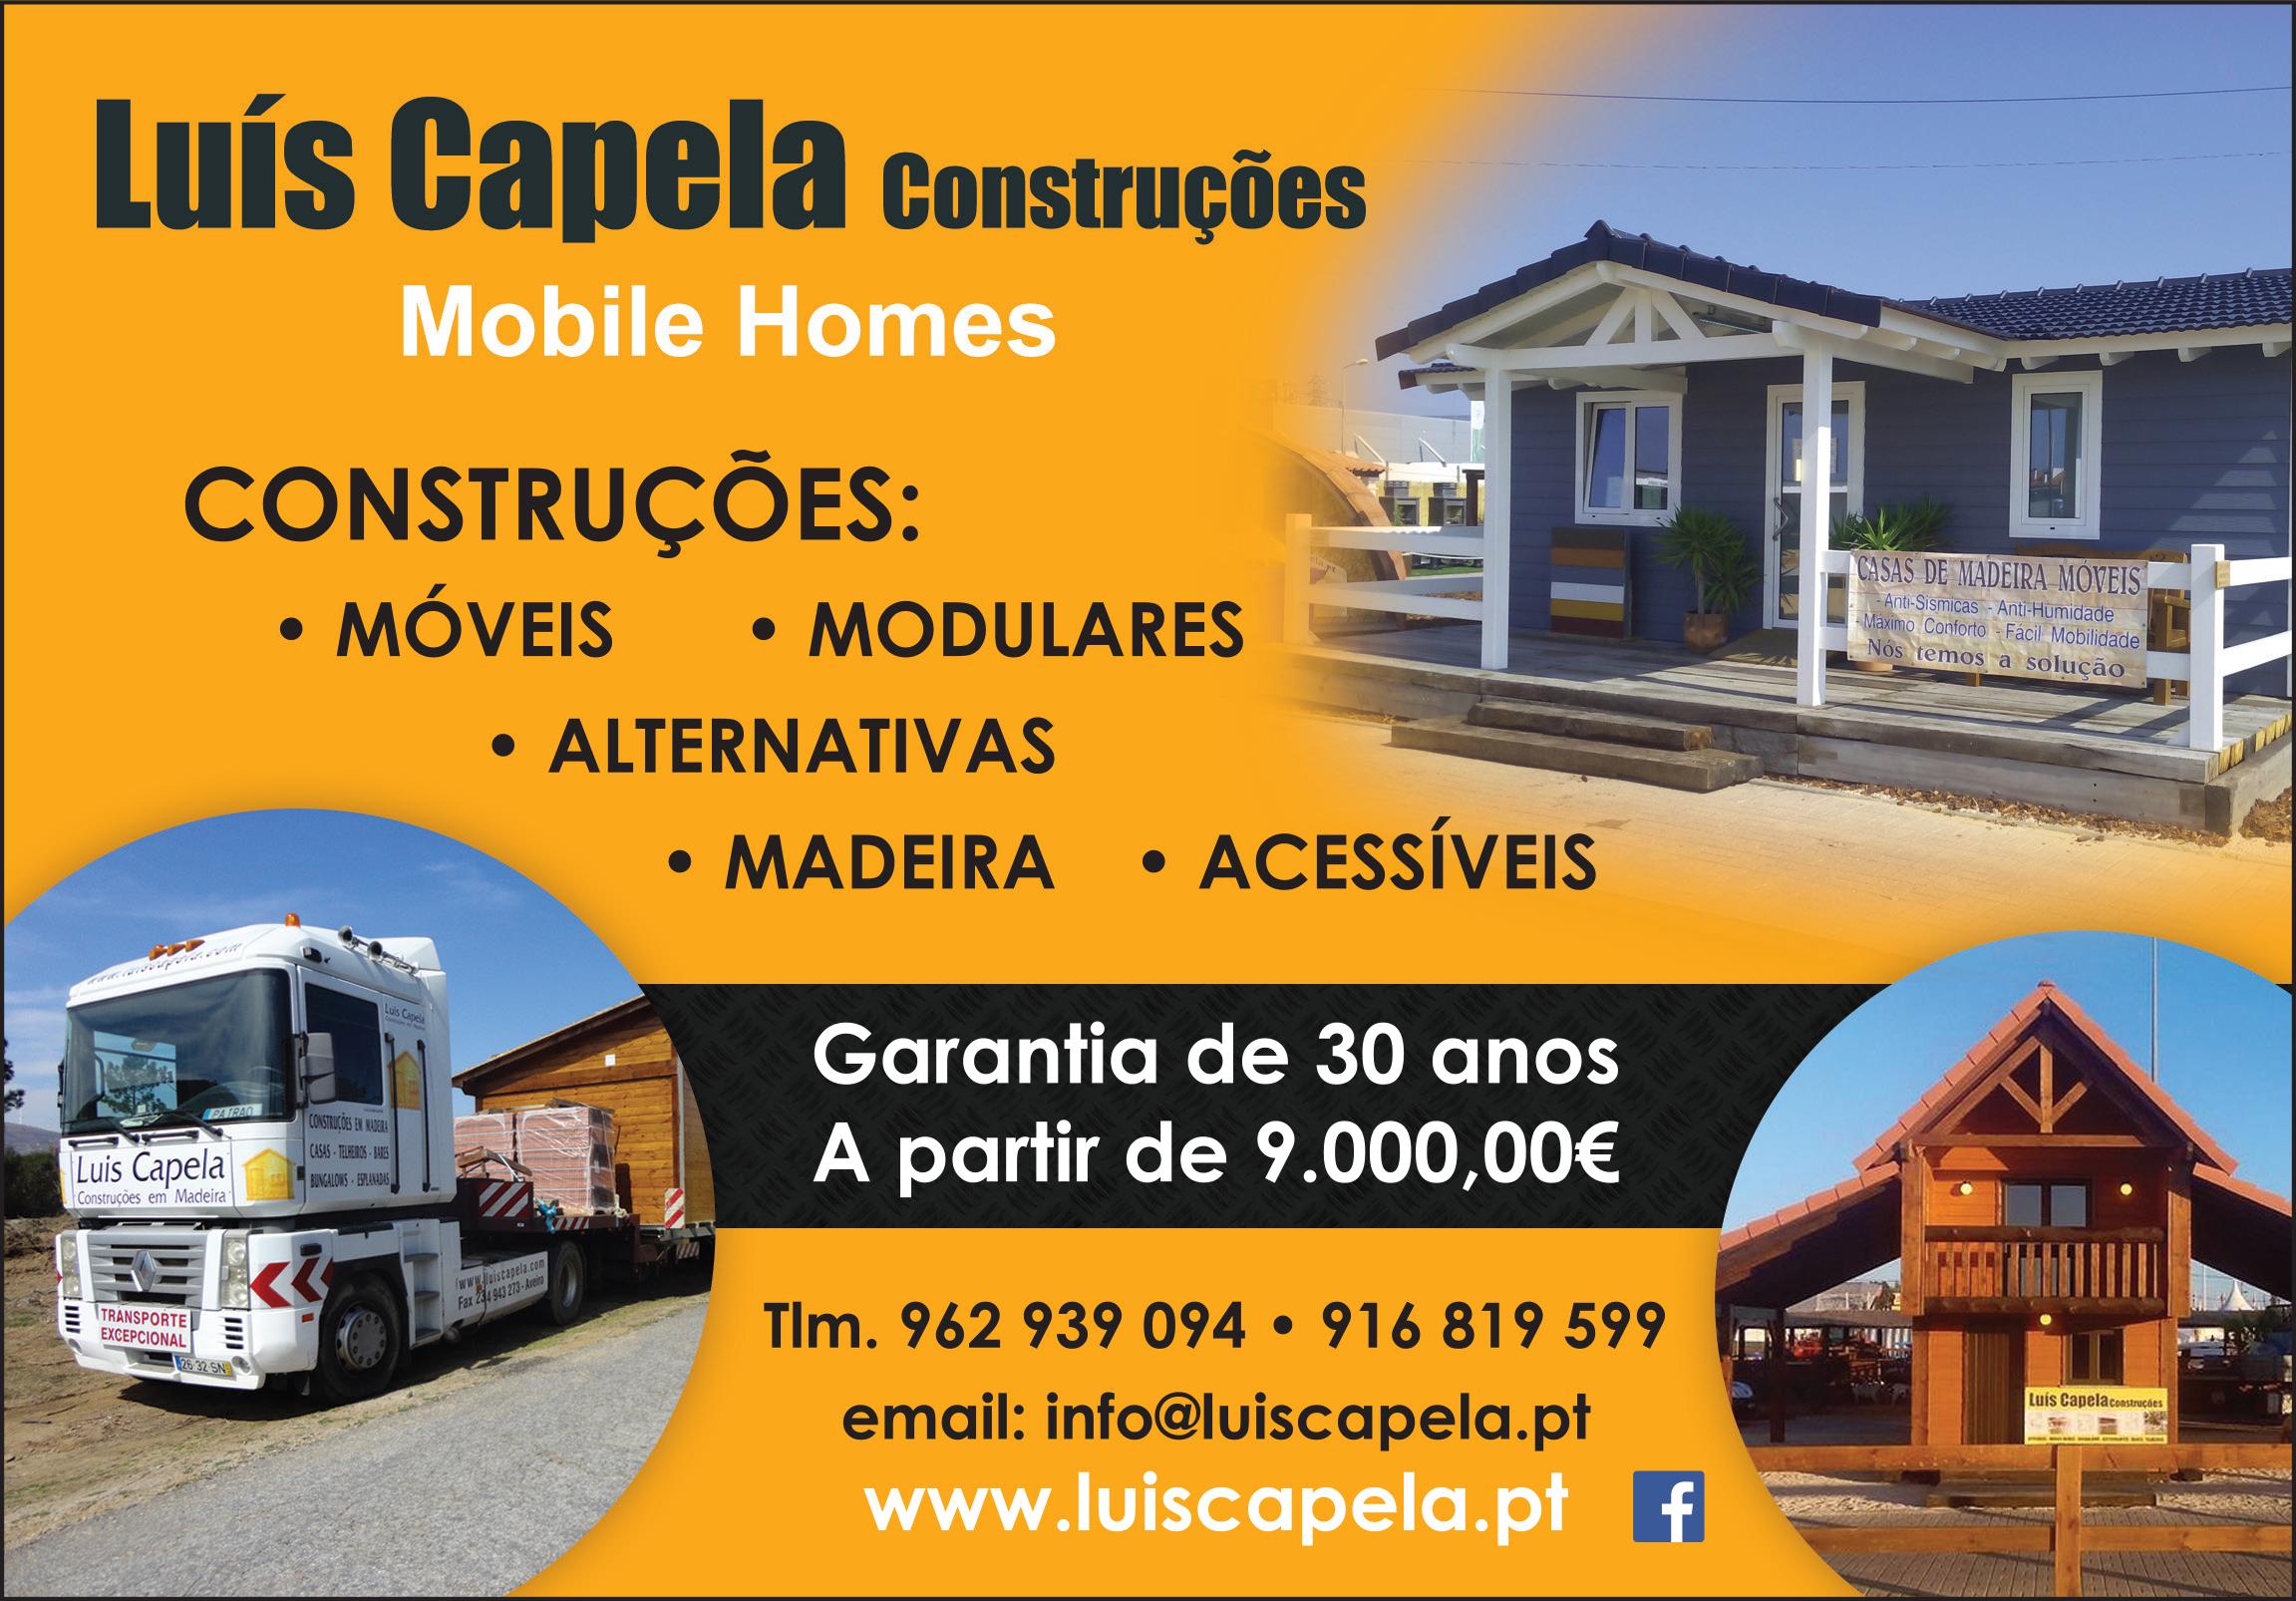 LUÍS CAPELA CONSTRUÇÕES EM MADEIRA • MOBILE HOMES